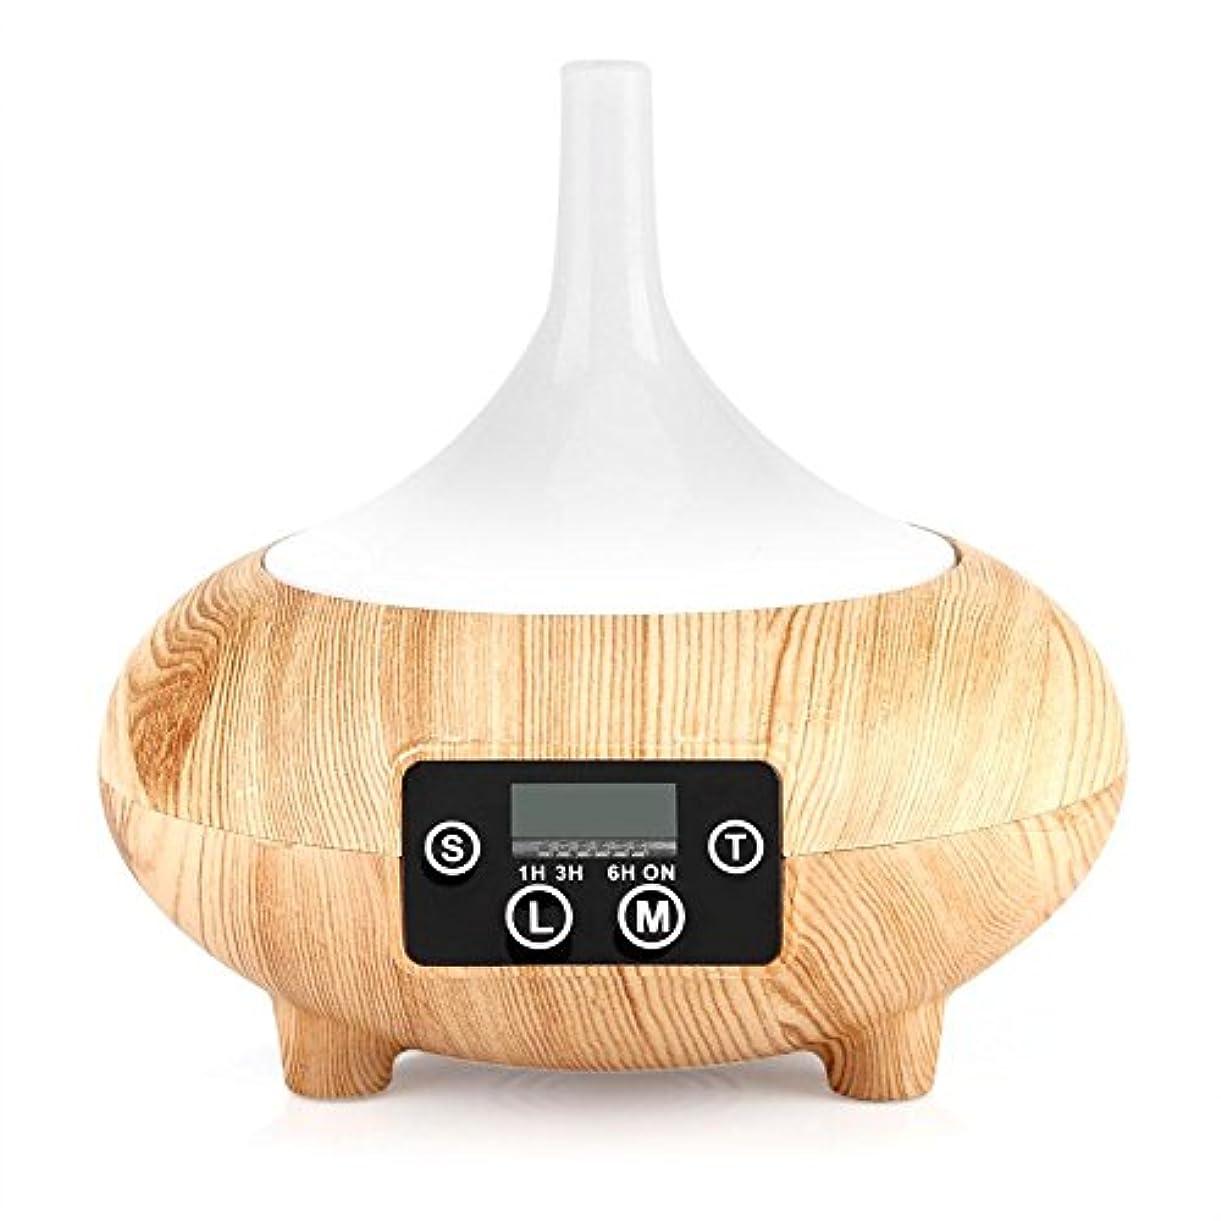 更新する座標プロジェクター加湿器 アロマディフューザー LED時計 卓上加湿器 空気清浄機 空焚き防止機能搭載 色変換LED搭載 ミストモード 時間設定 木目調 おしゃれ 乾燥対応 SPA美容など適用(浅木纹)